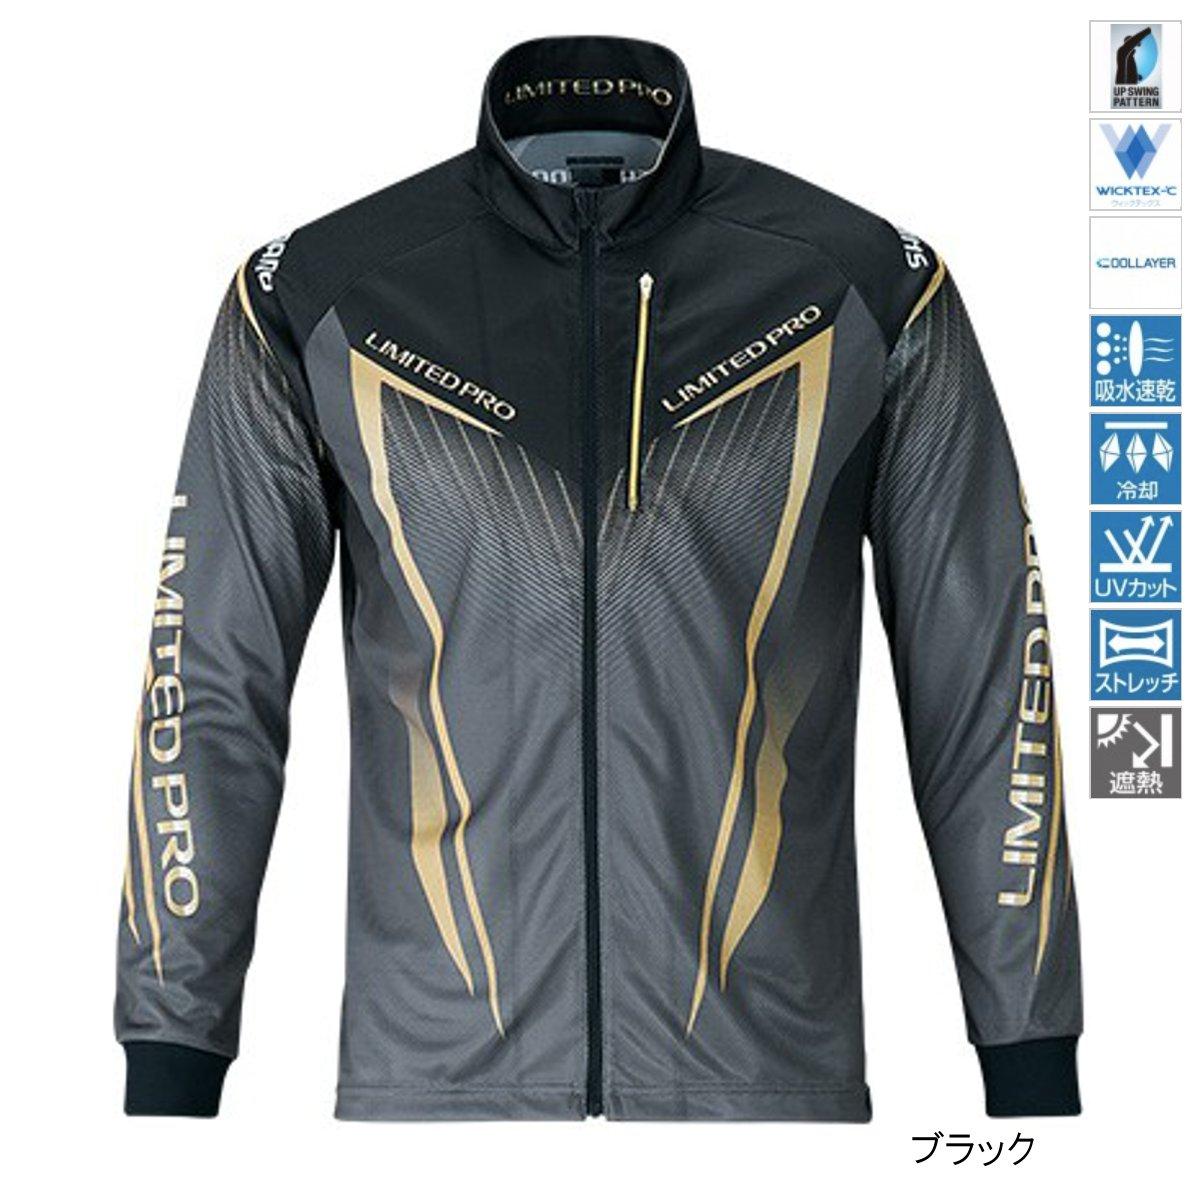 シマノ フルジップシャツLIMITED PRO(長袖) SH-011S 2XL ブラック【送料無料】